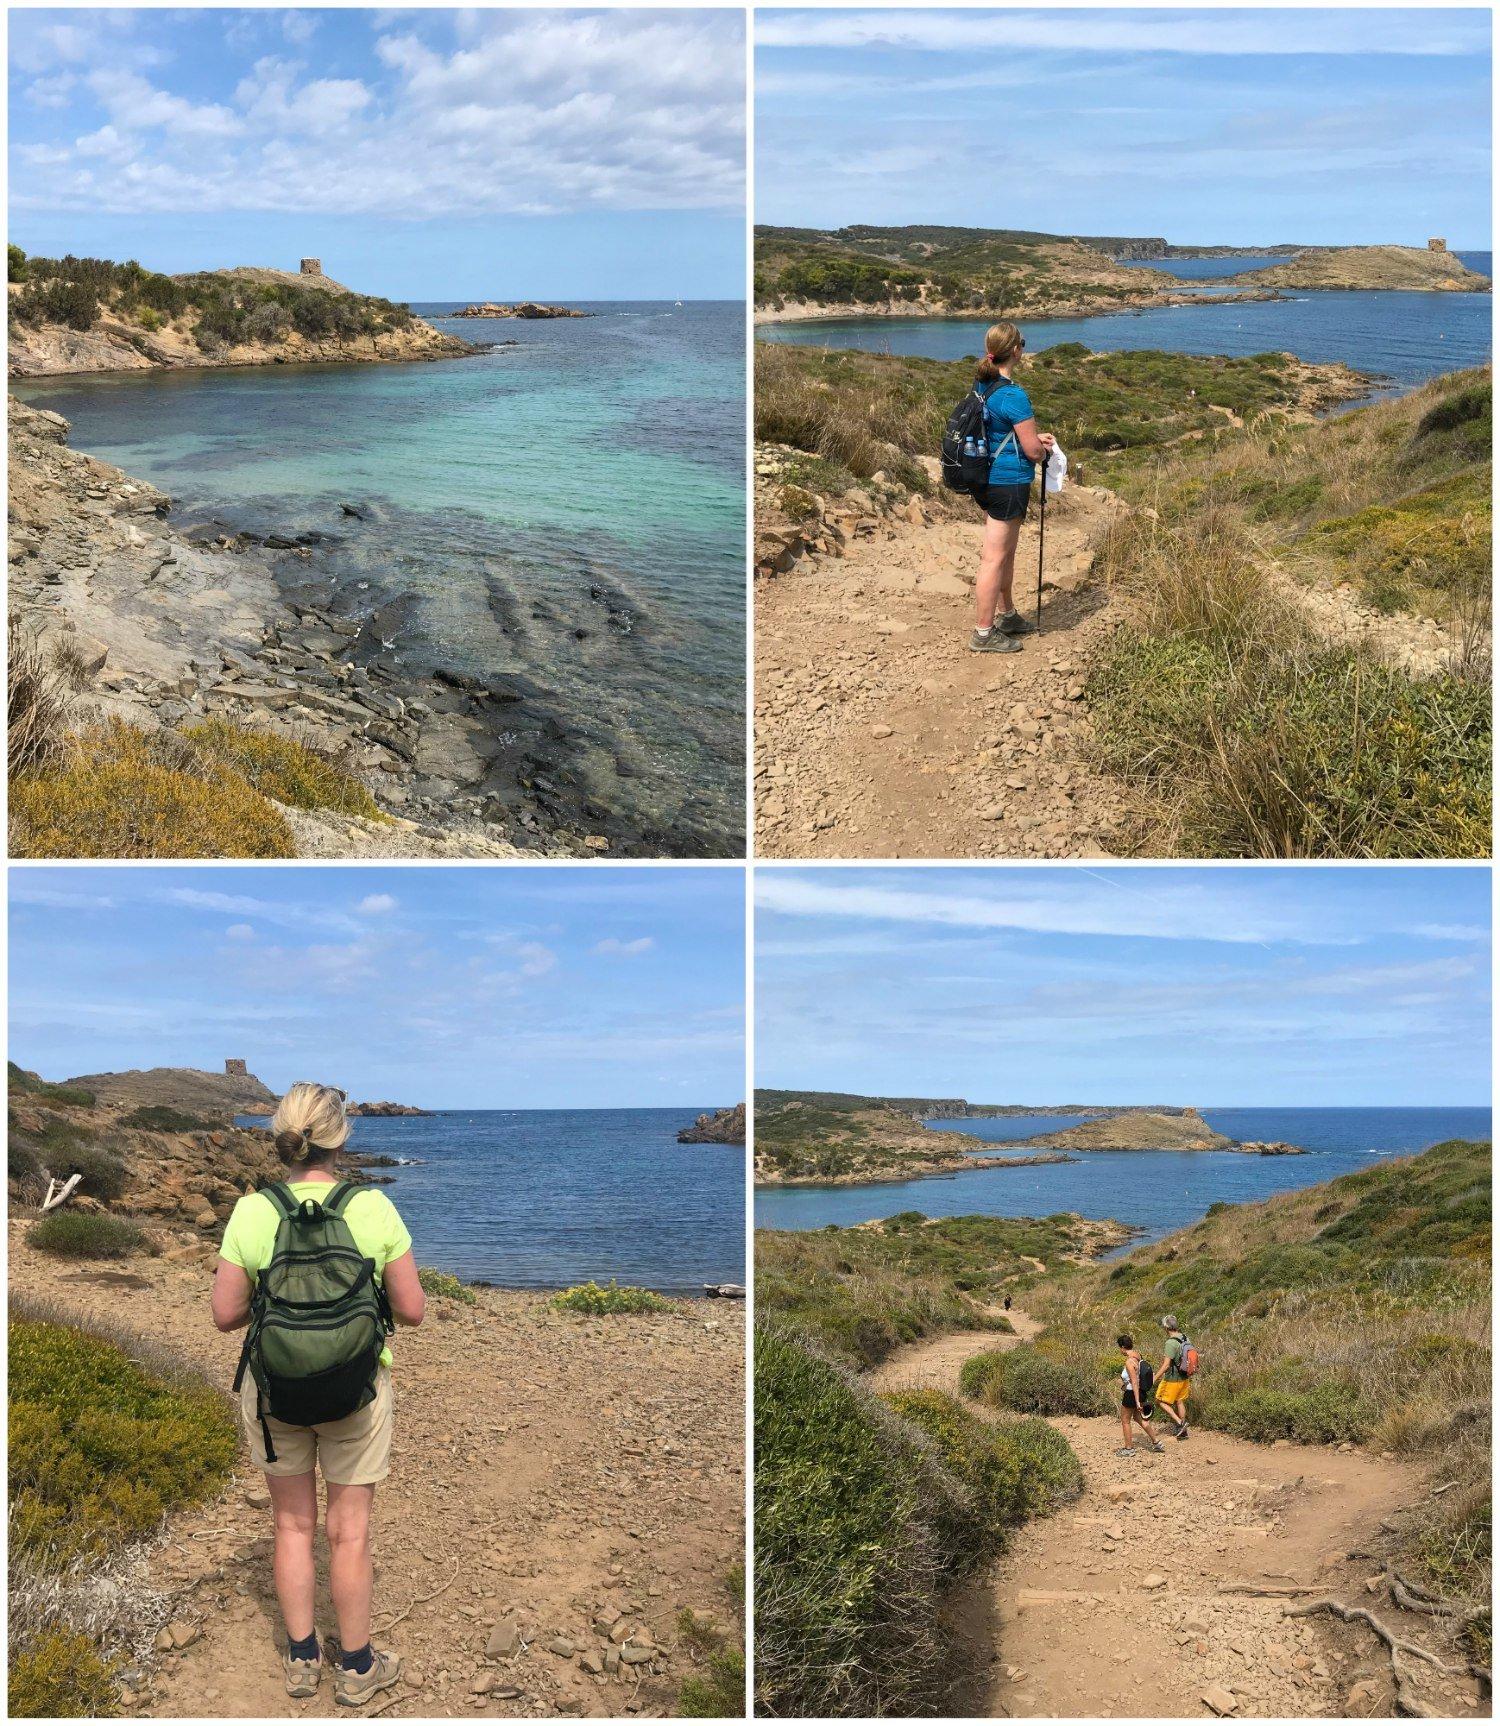 Cala des Tamarells - Cami de Cavalls Menorca Photo Heatheronhertravels.com